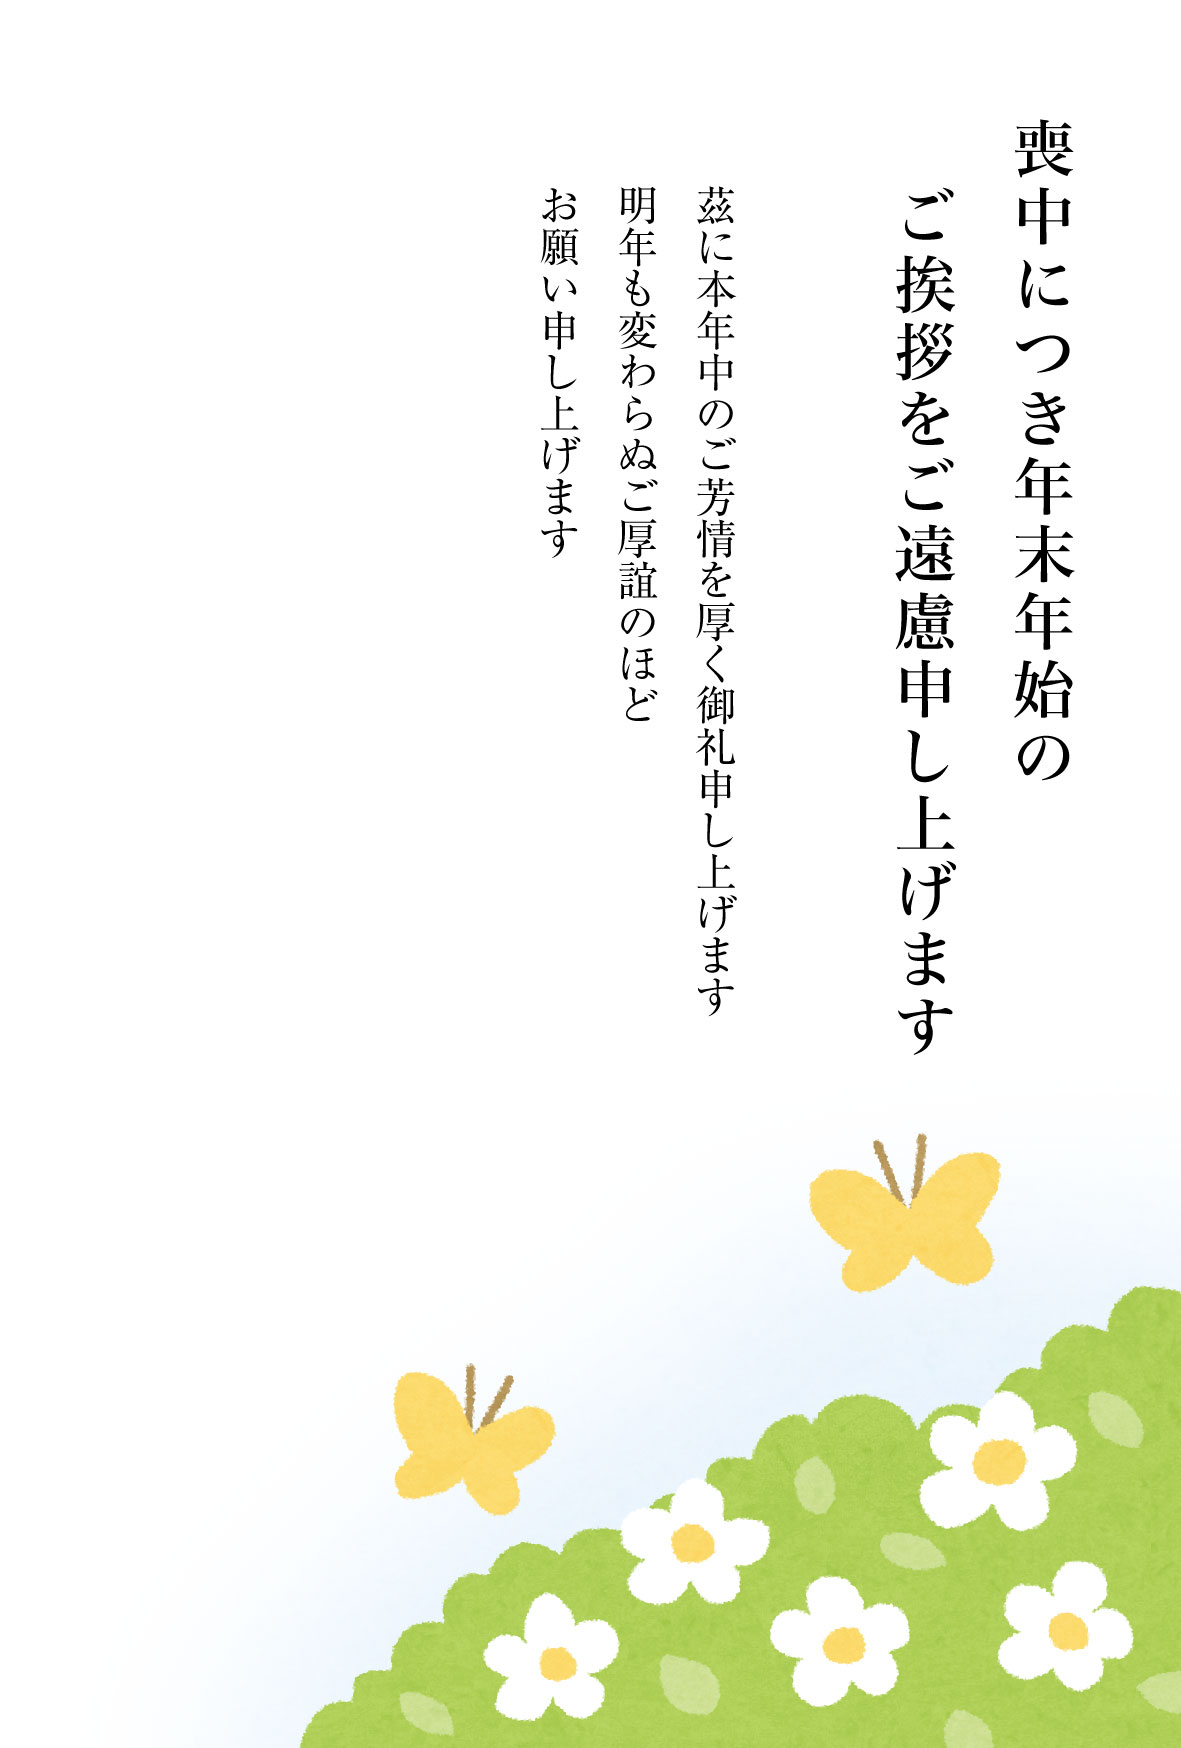 蝶とお花畑のイラストの喪中はがきテンプレート | かわいい無料年賀状